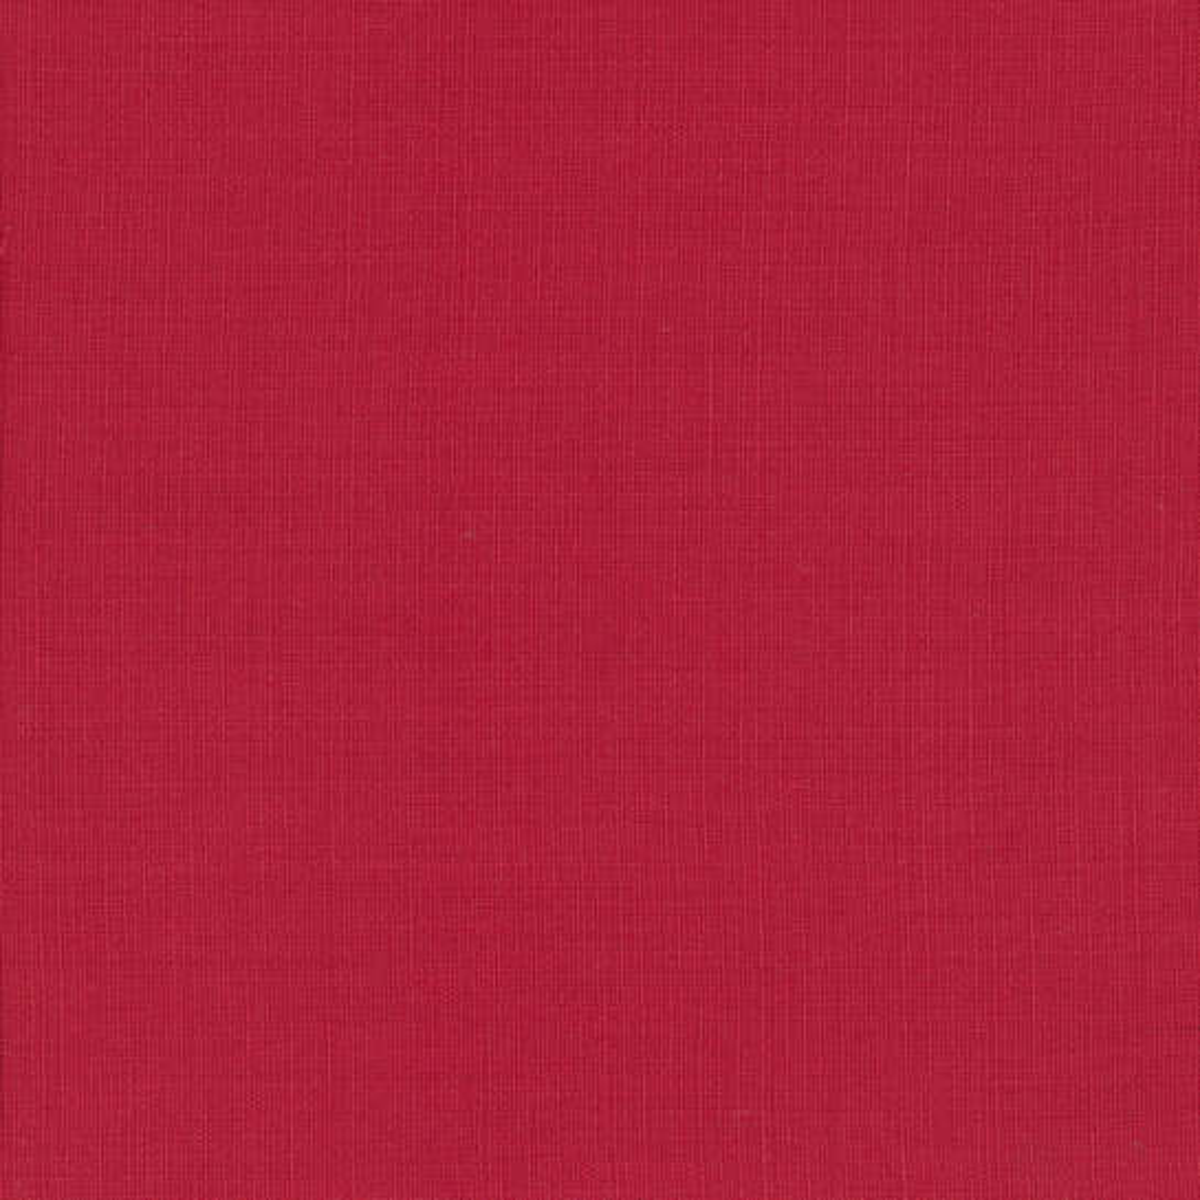 Estate Linen Red Ellis Chair Slipcover